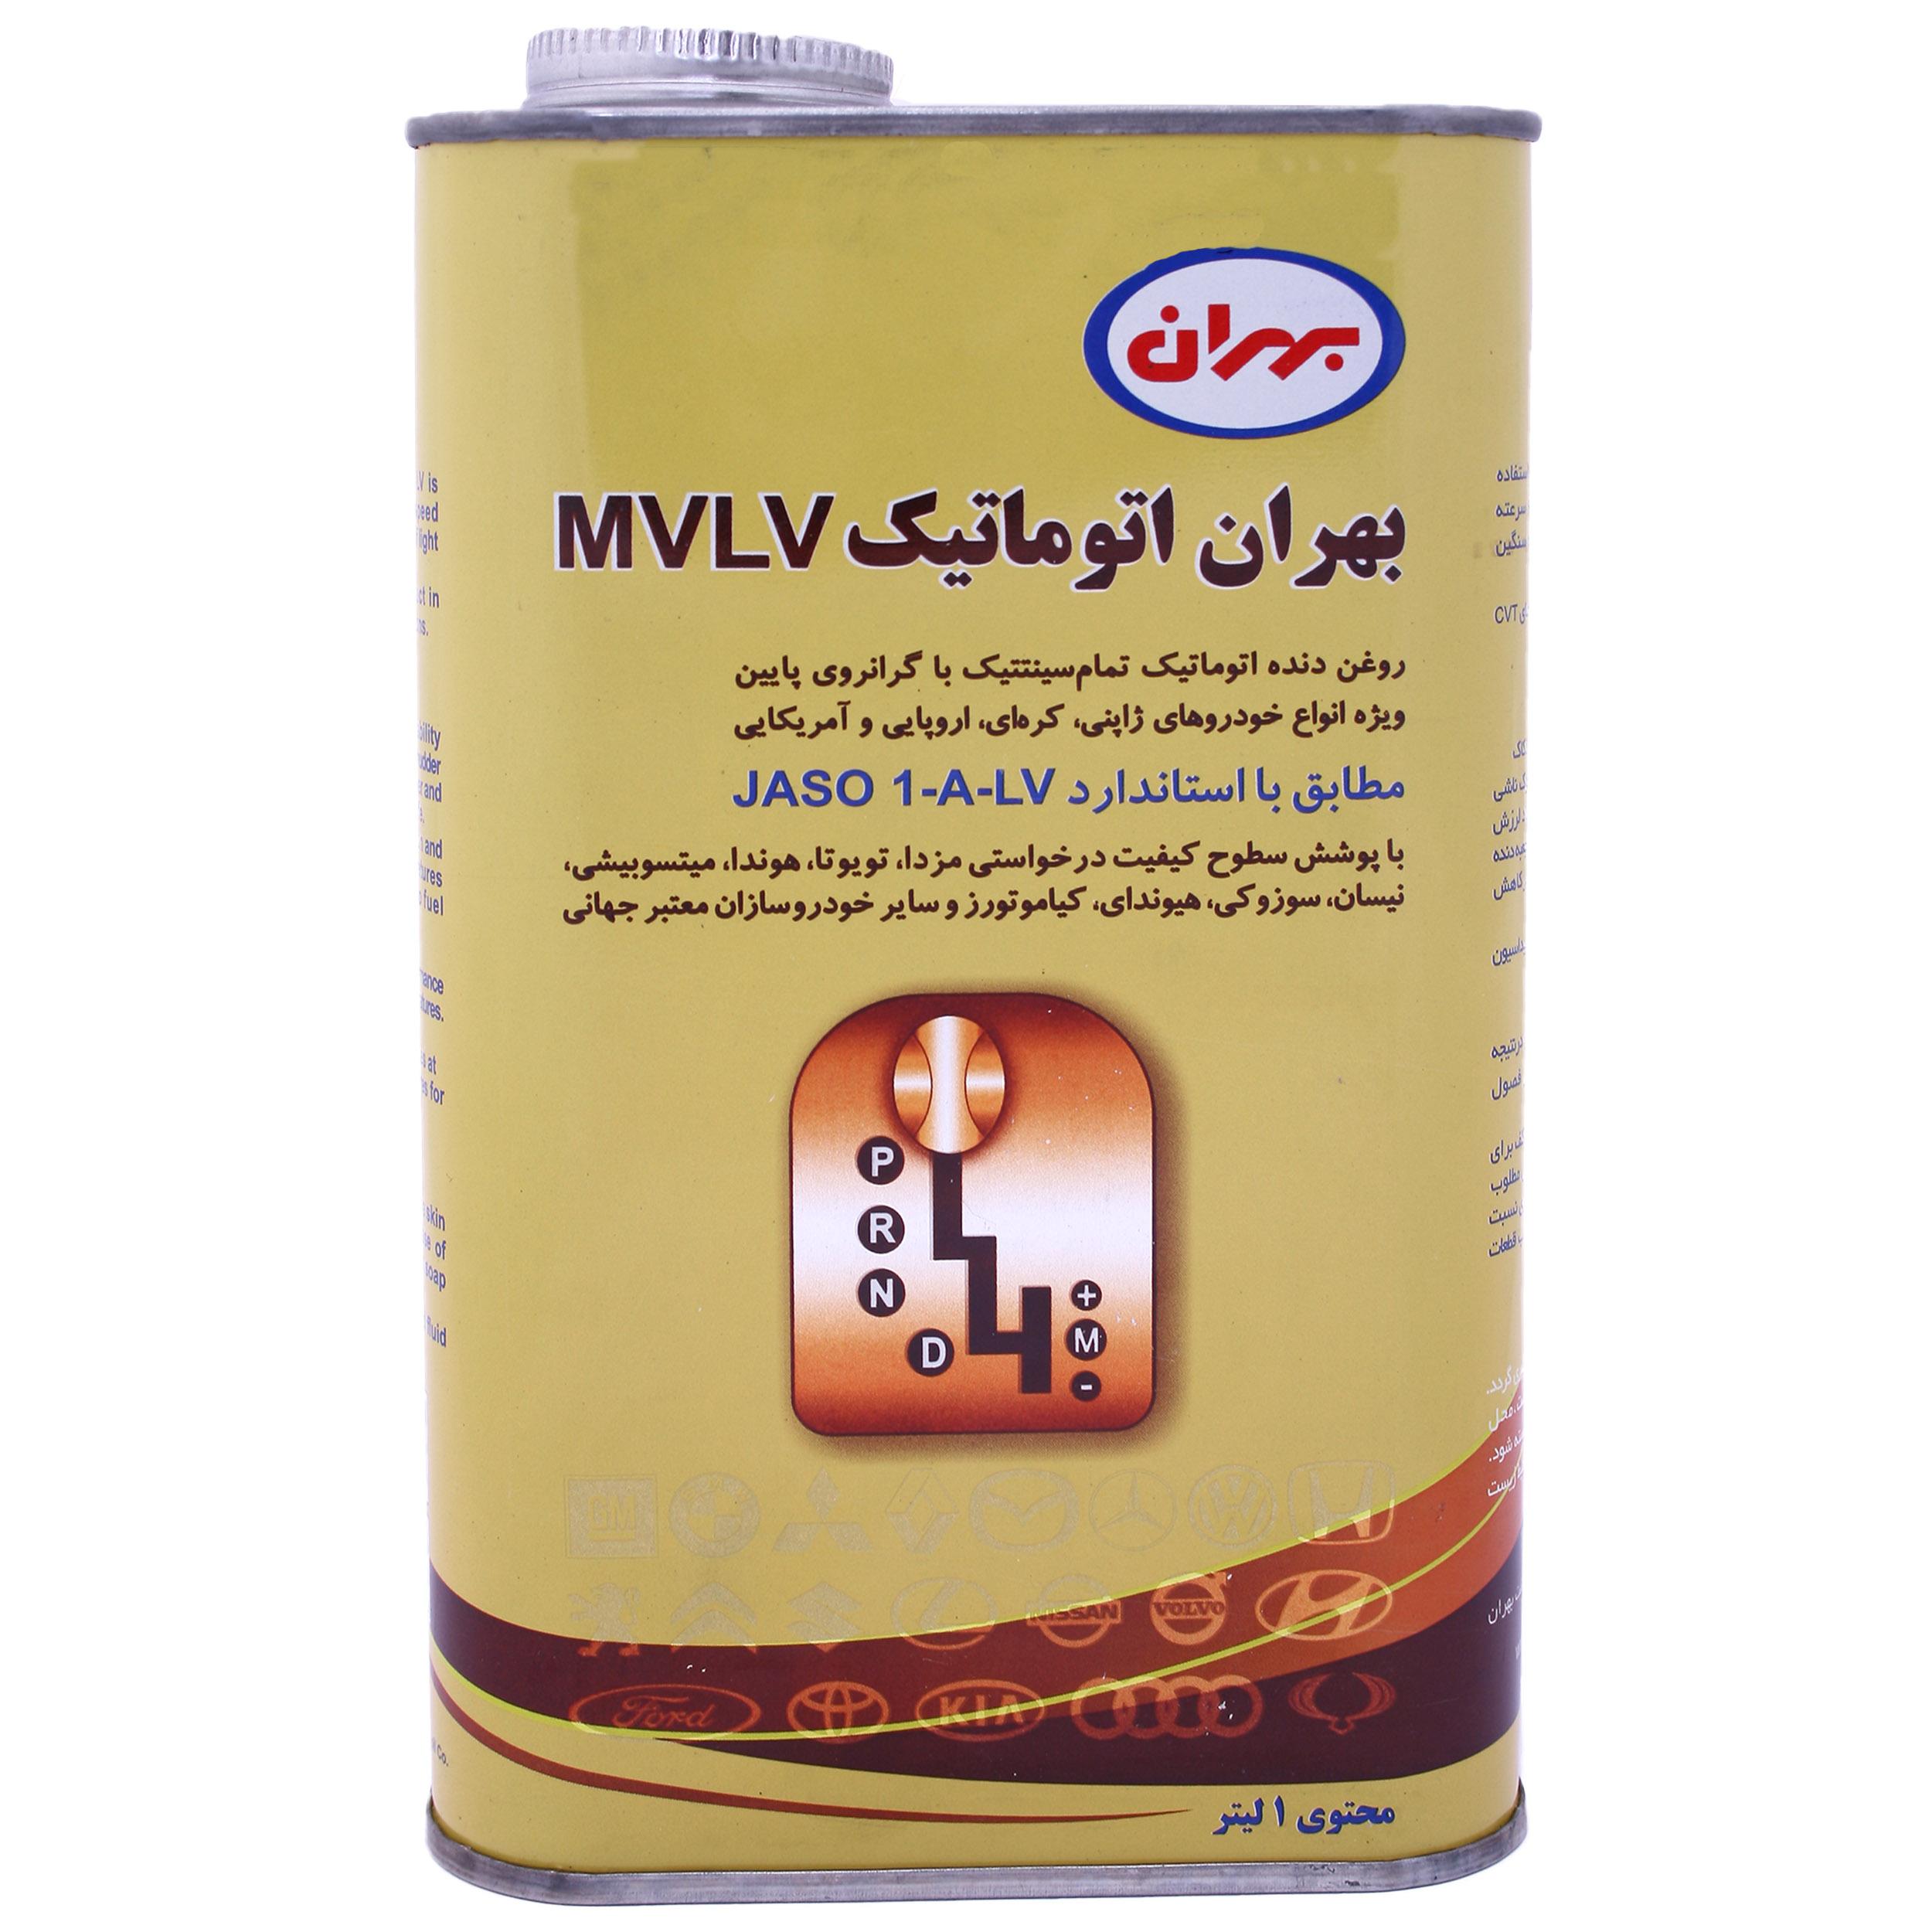 روغن گیربکس خودرو بهران مدل MVLV کد 022 حجم 1000 میلی لیتر